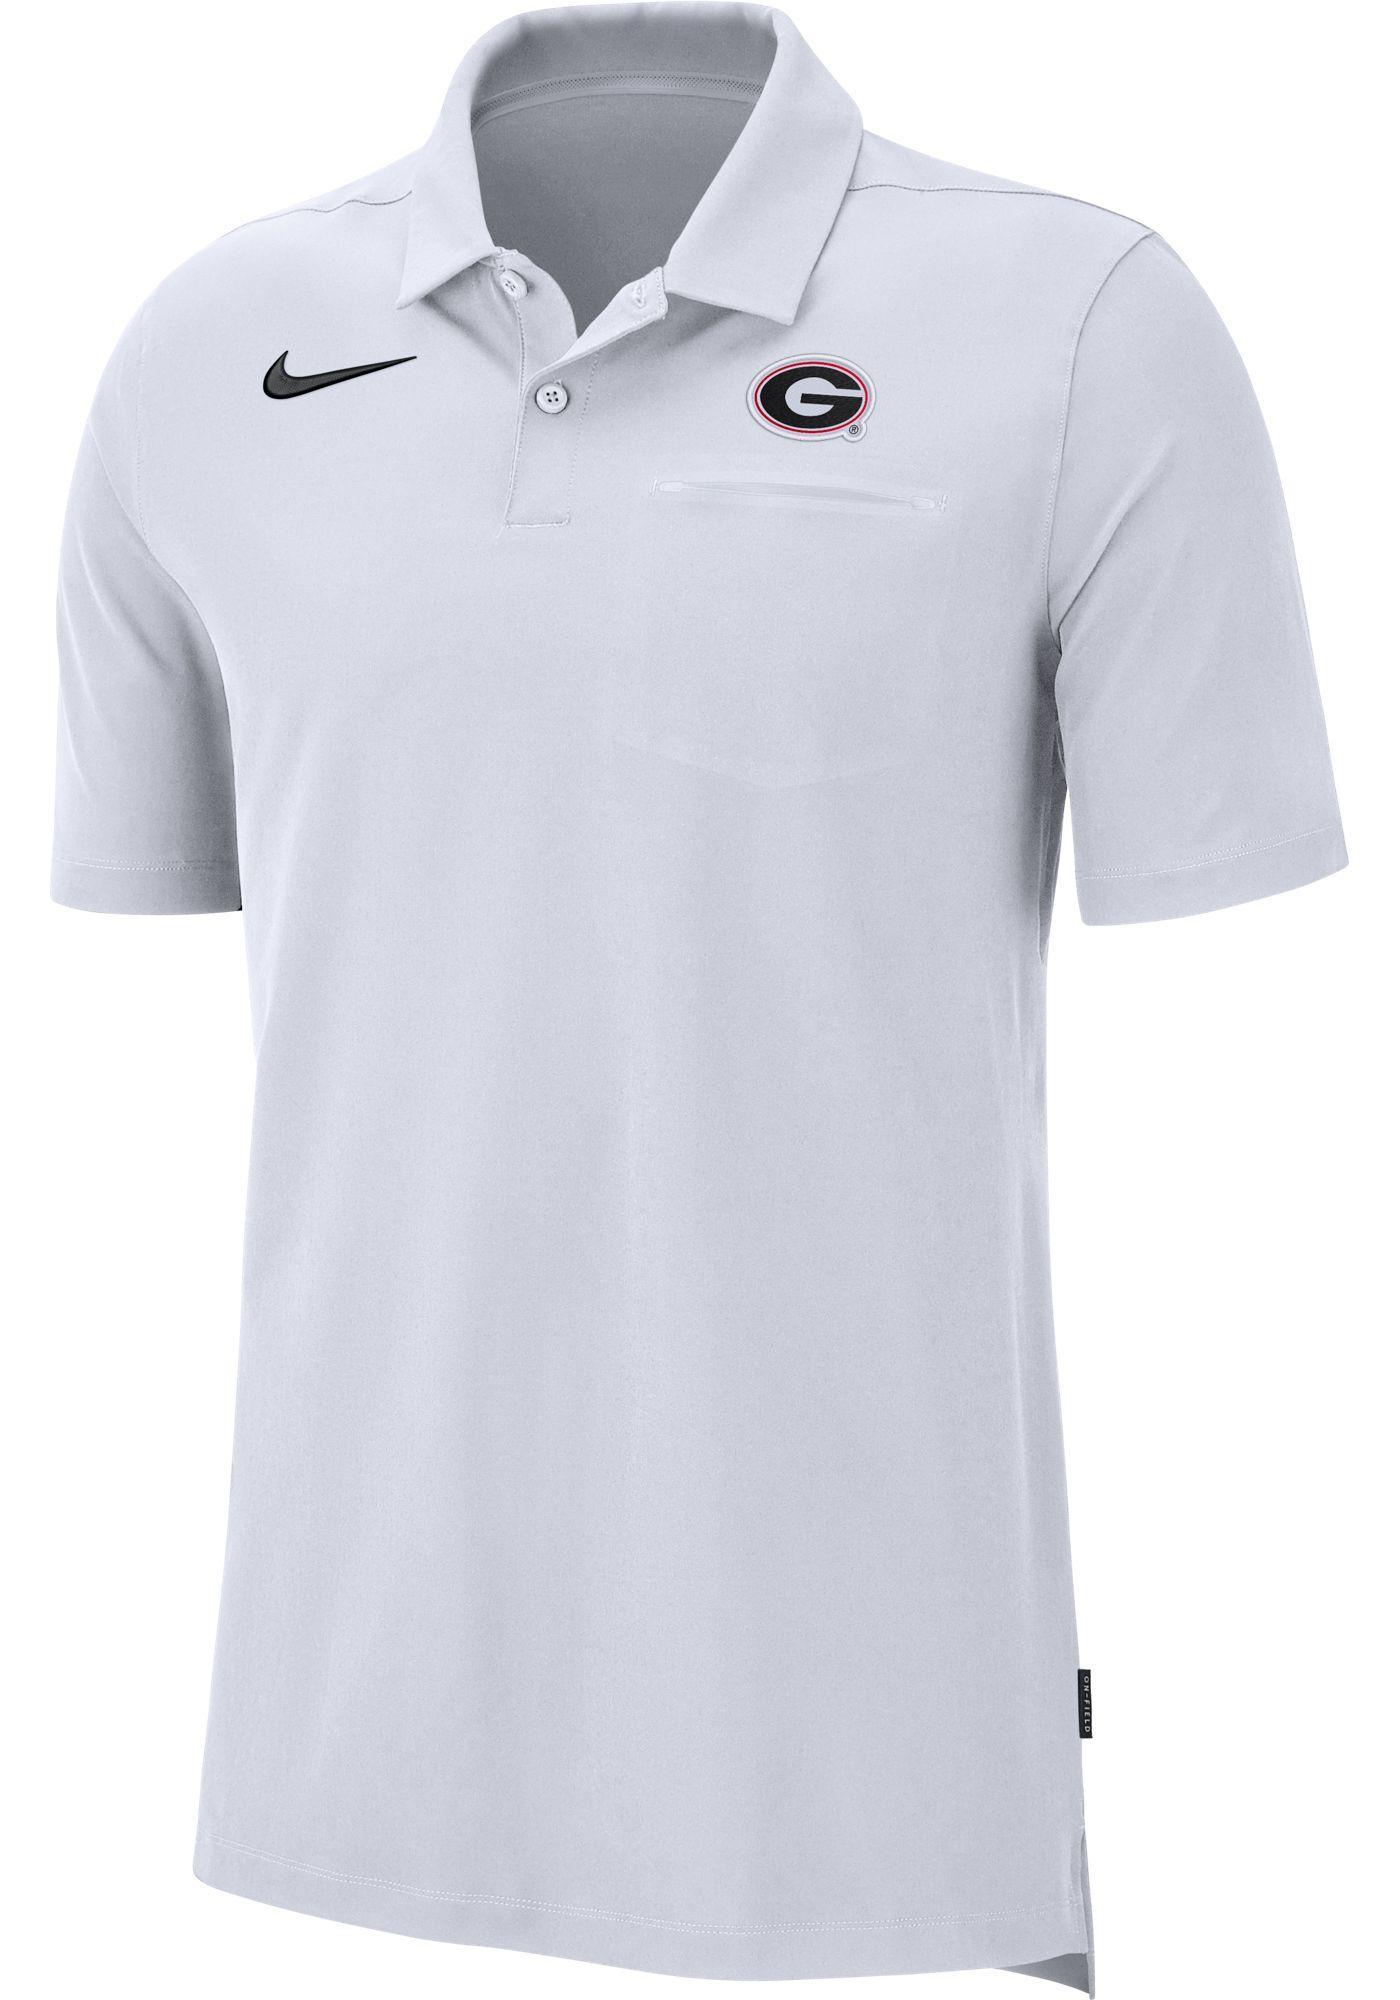 Nike Men's Georgia Bulldogs Dri-FIT Elite Football Sideline White Polo